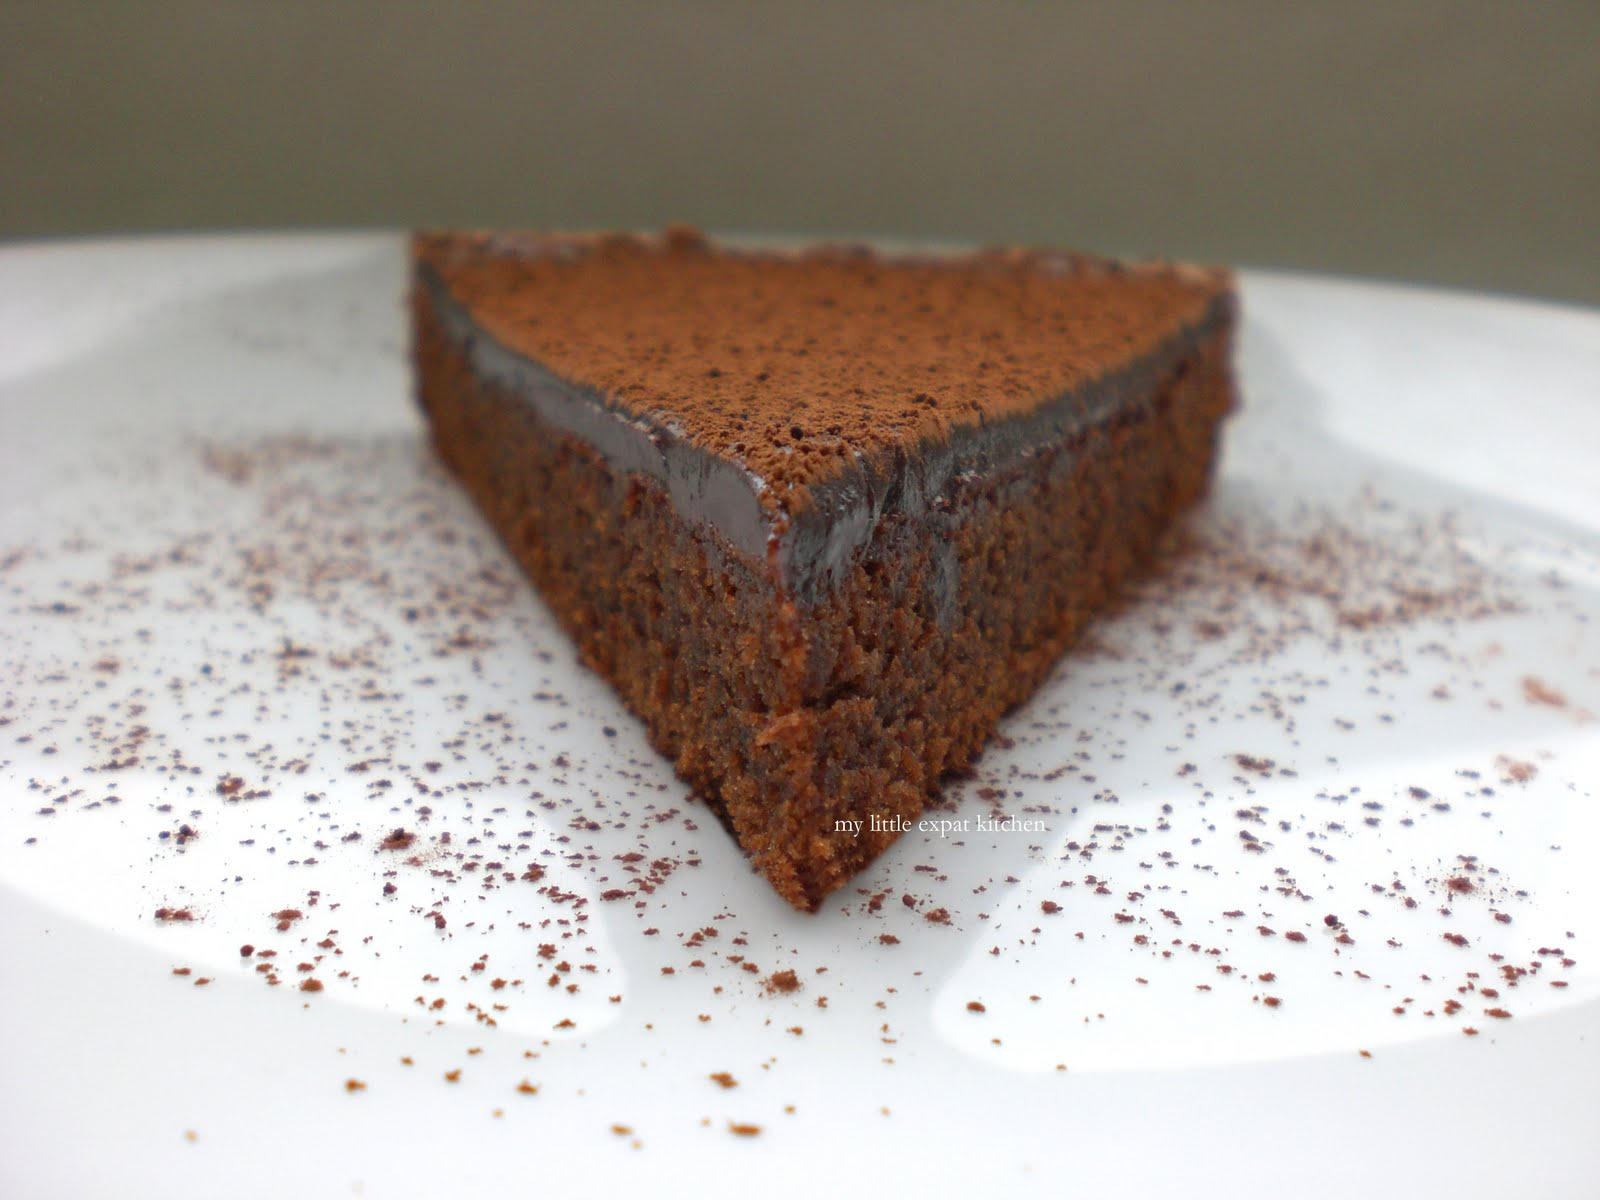 Kala Stefana On A Cake